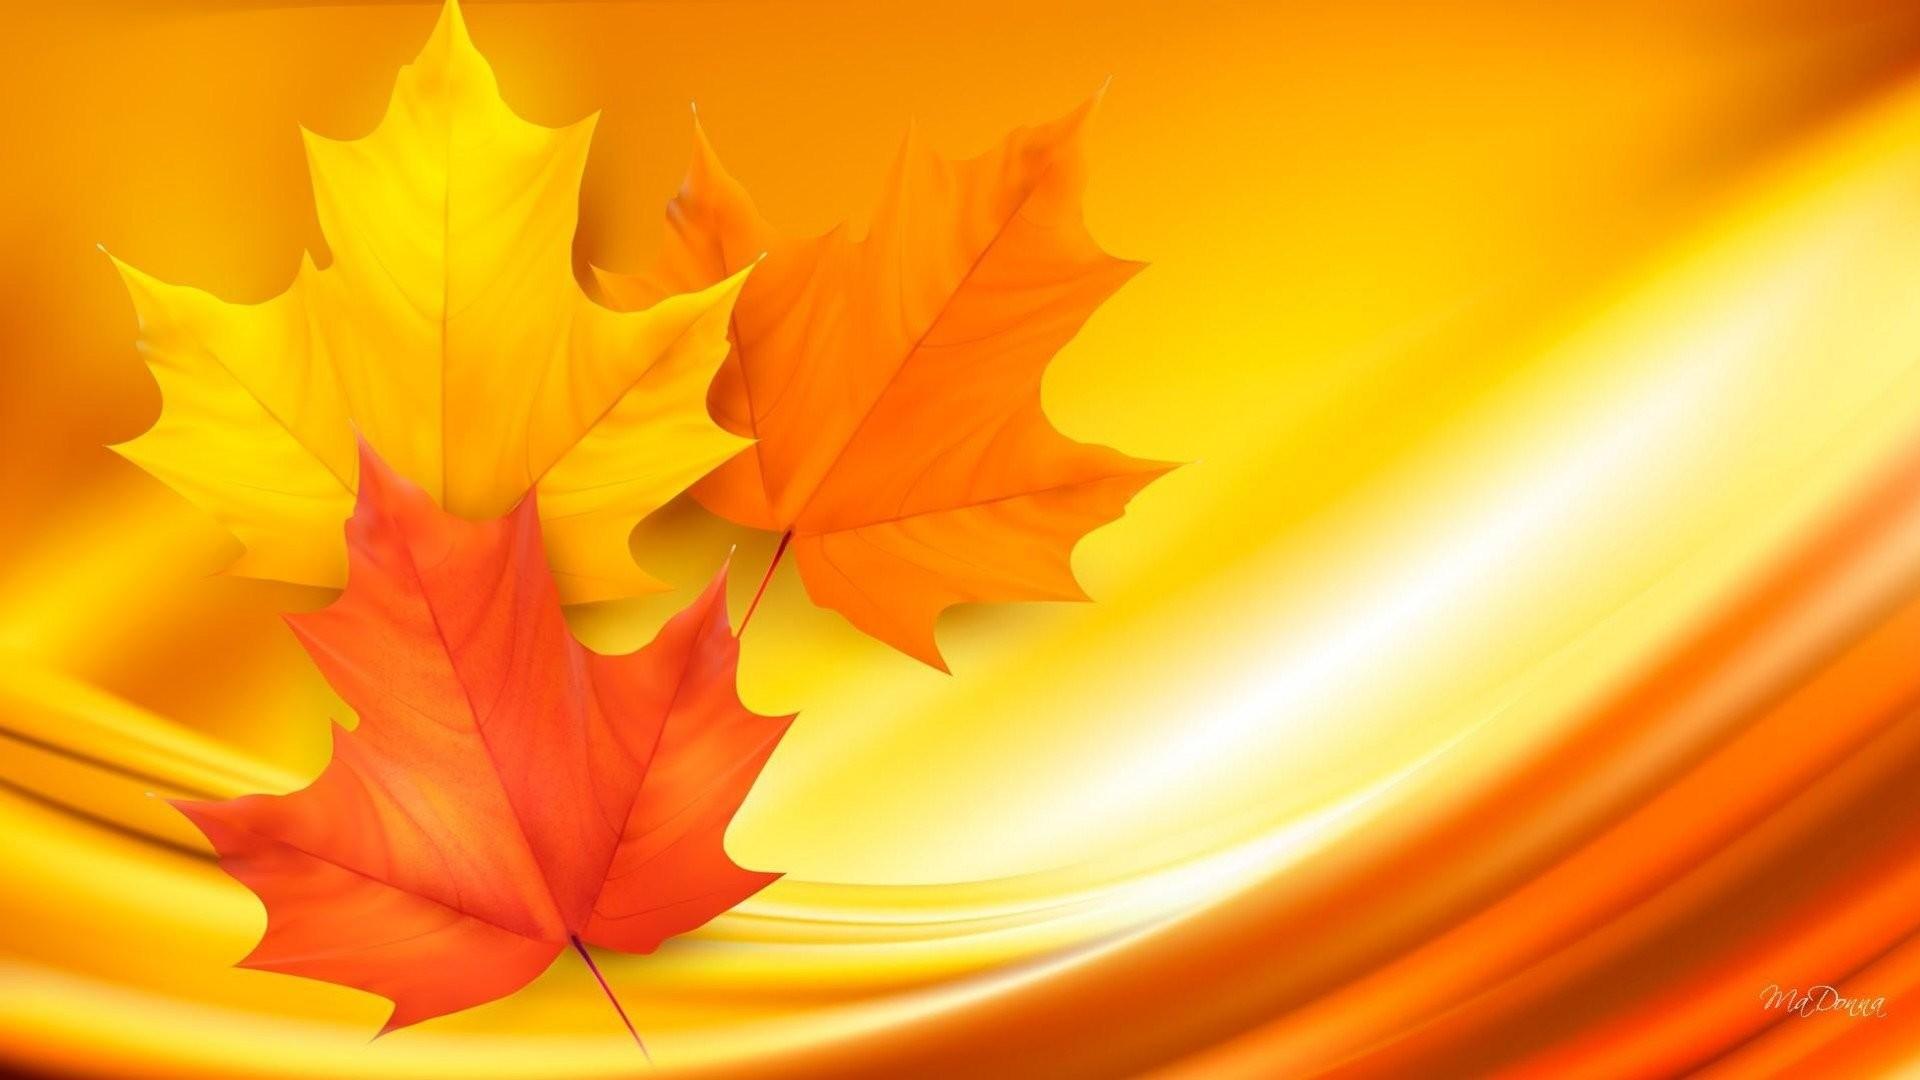 Hình nền vàng lá phong cực đẹp